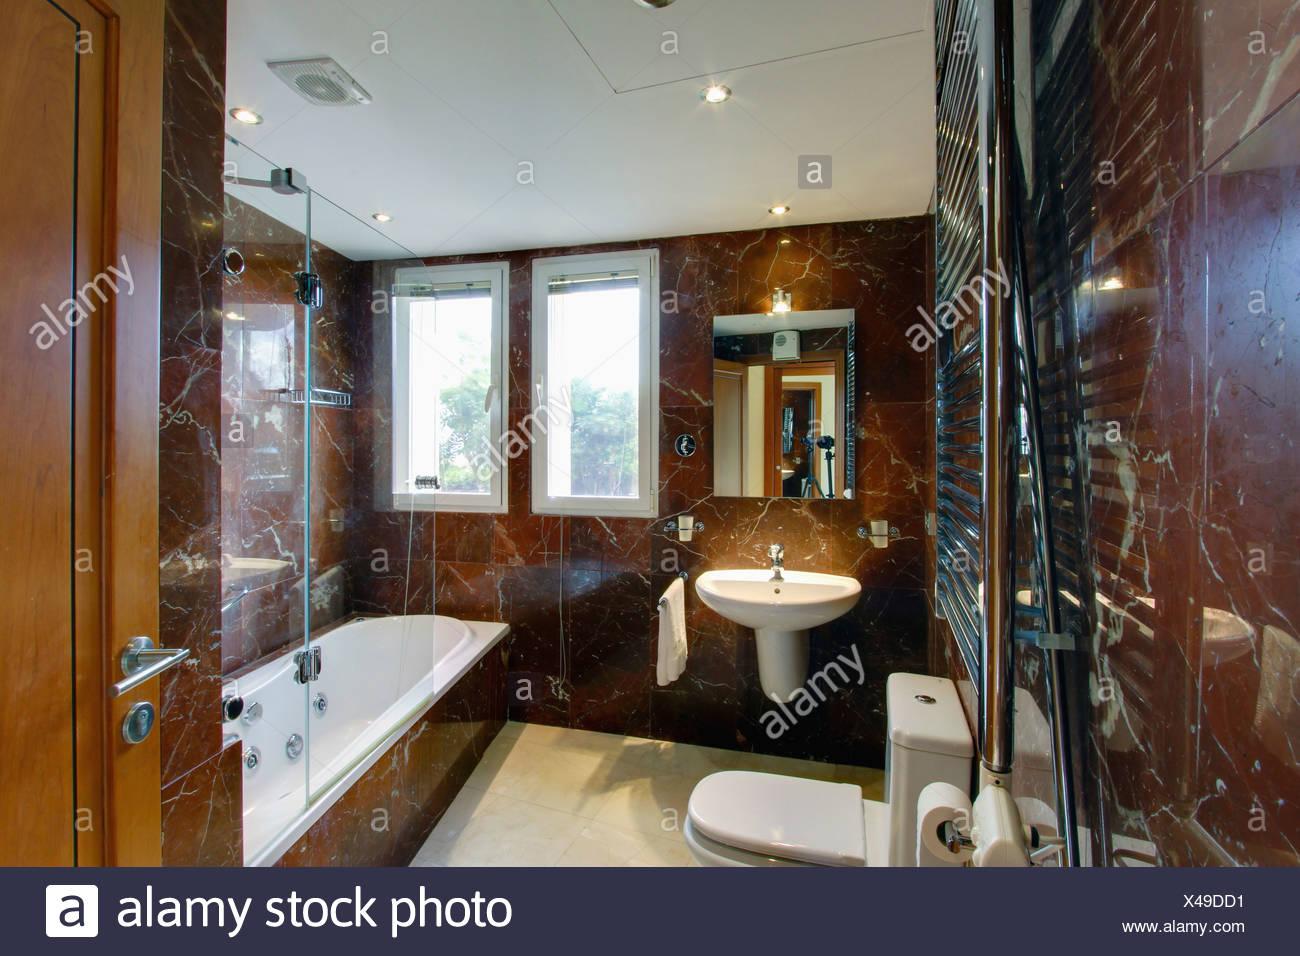 Vasca Da Bagno In Spagnolo : Moderno in marmo marrone spagnolo bagno con specchio illuminato